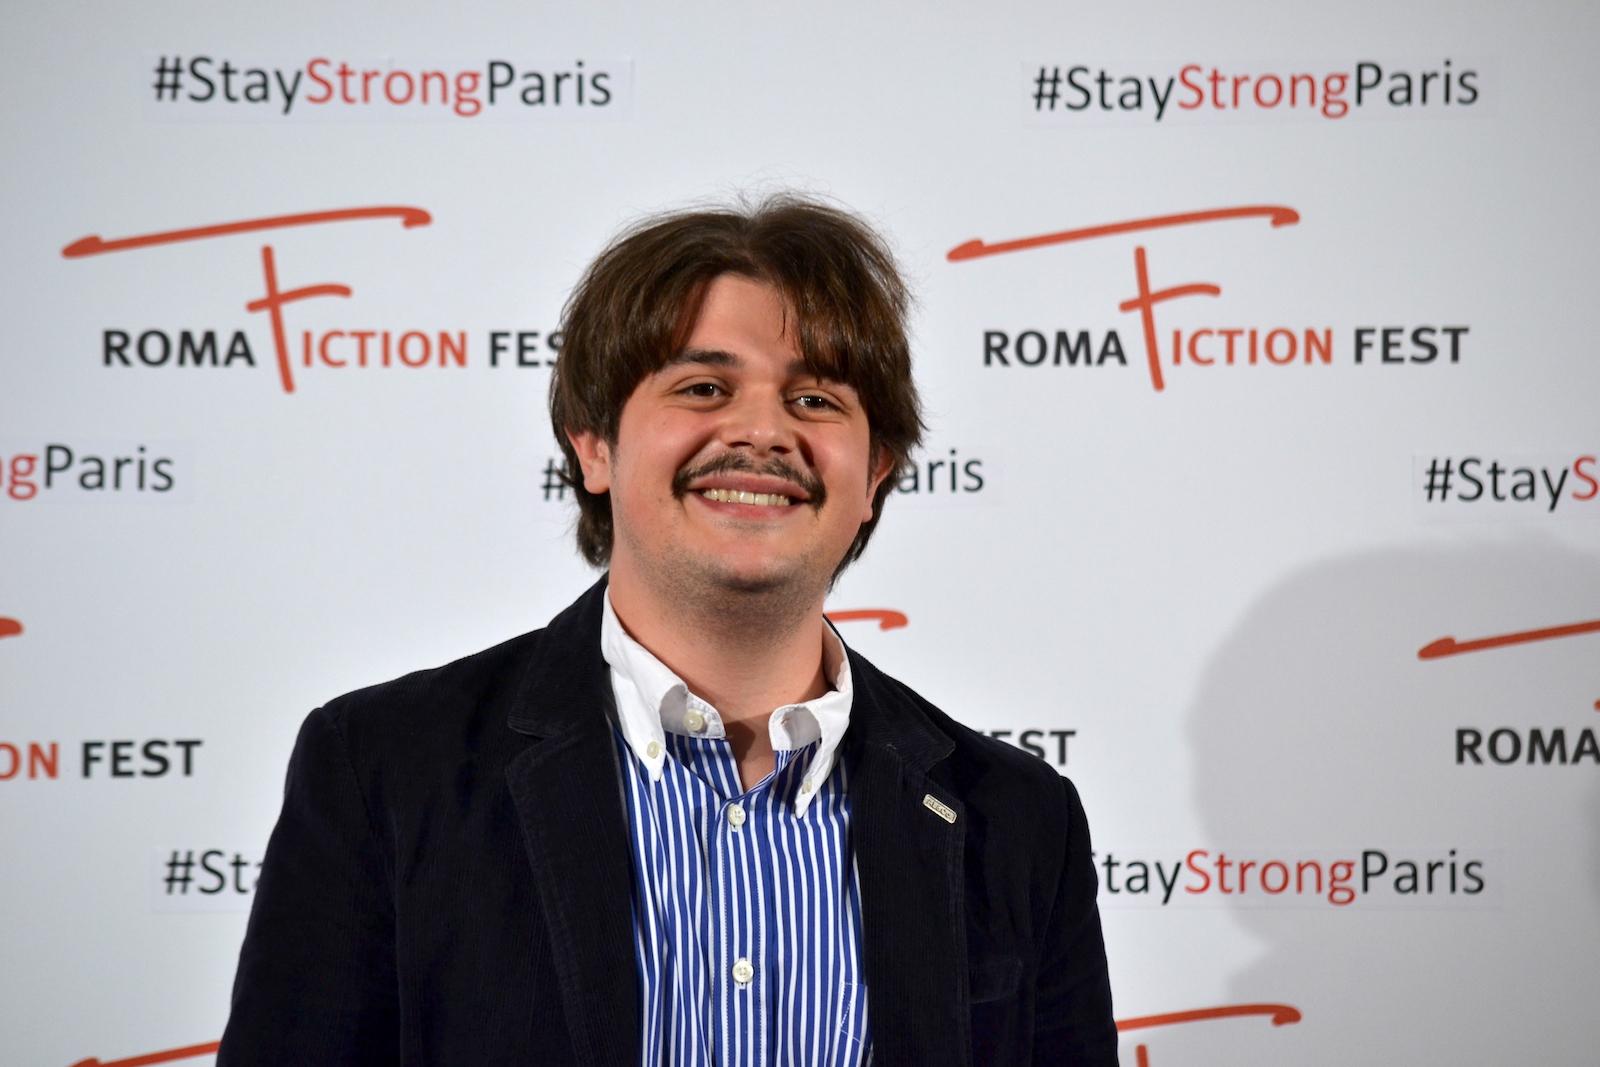 """Roma Fiction Fest 2015: Francesco Russo in uno scatto al photocall di """"Zio Gianni"""""""